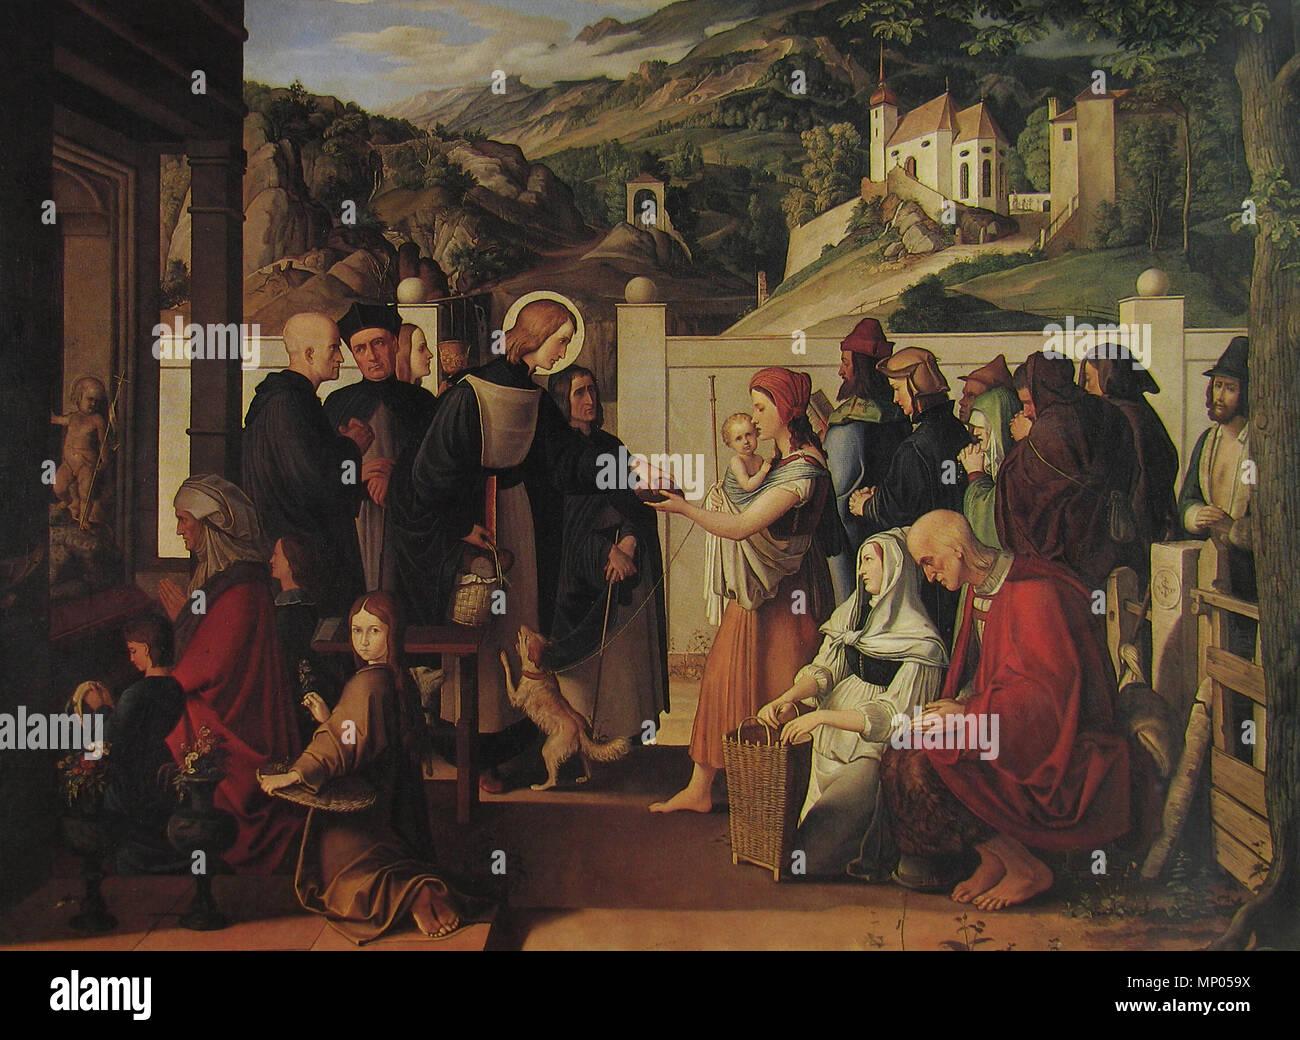 .  Deutsch: Der hl. Rochus, Almosen verteilend . 1817.   752 Julius Schnorr von Carolsfeld - Hl. Rochus 1817 - Stock Image